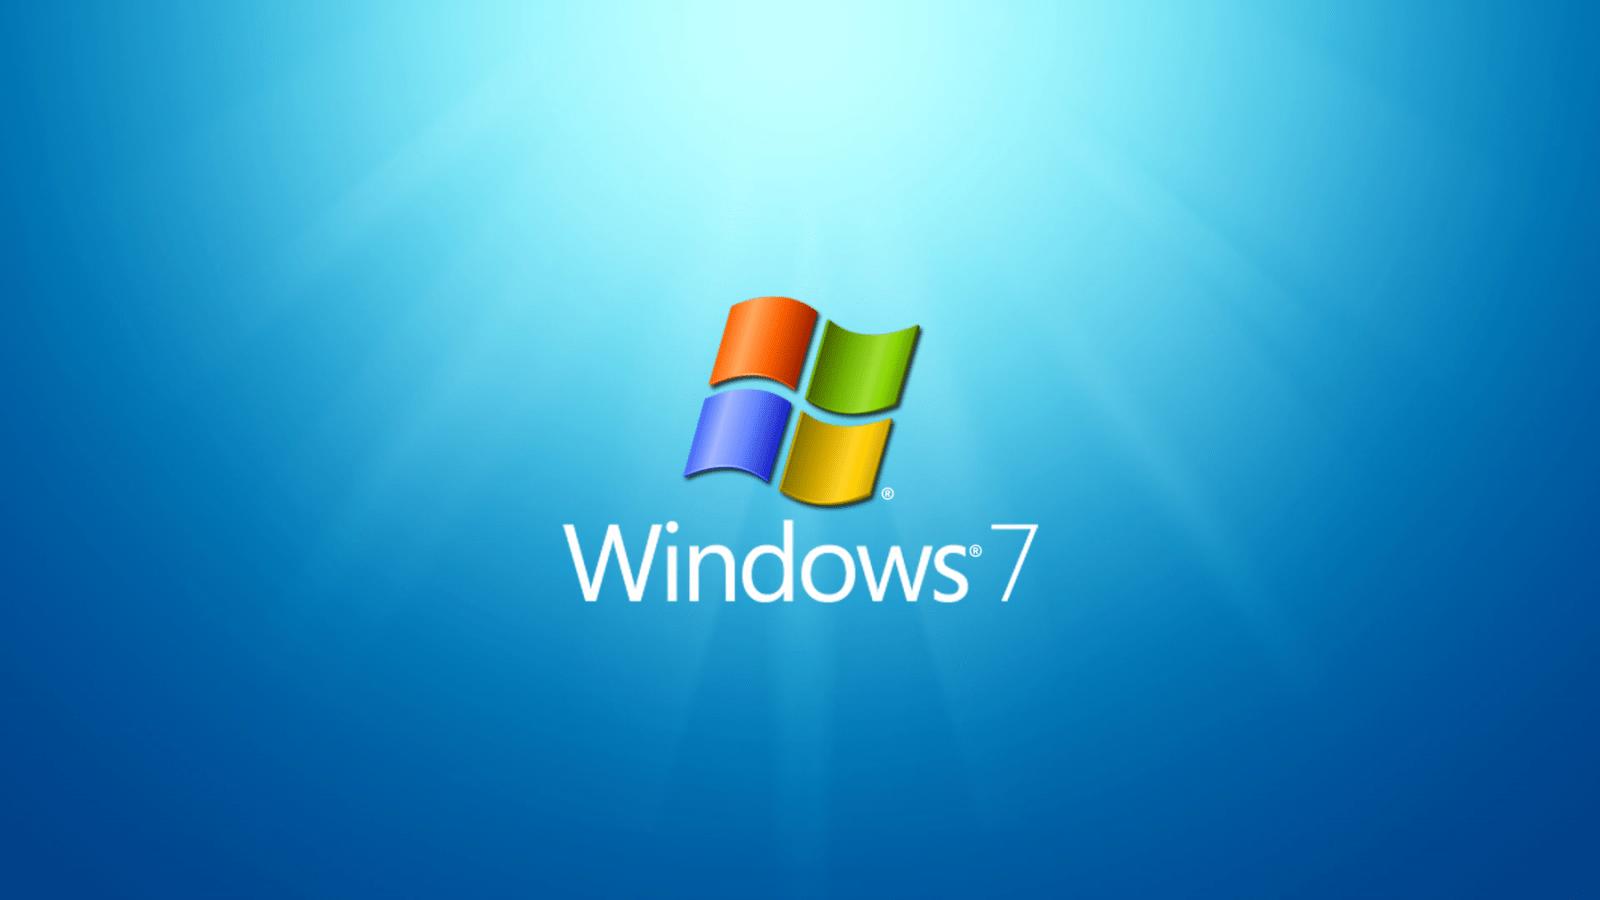 Microsoft советует пользователям Windows 7 купить новый ПК (5cde5870884474220e95282f86c72b52267105e7)